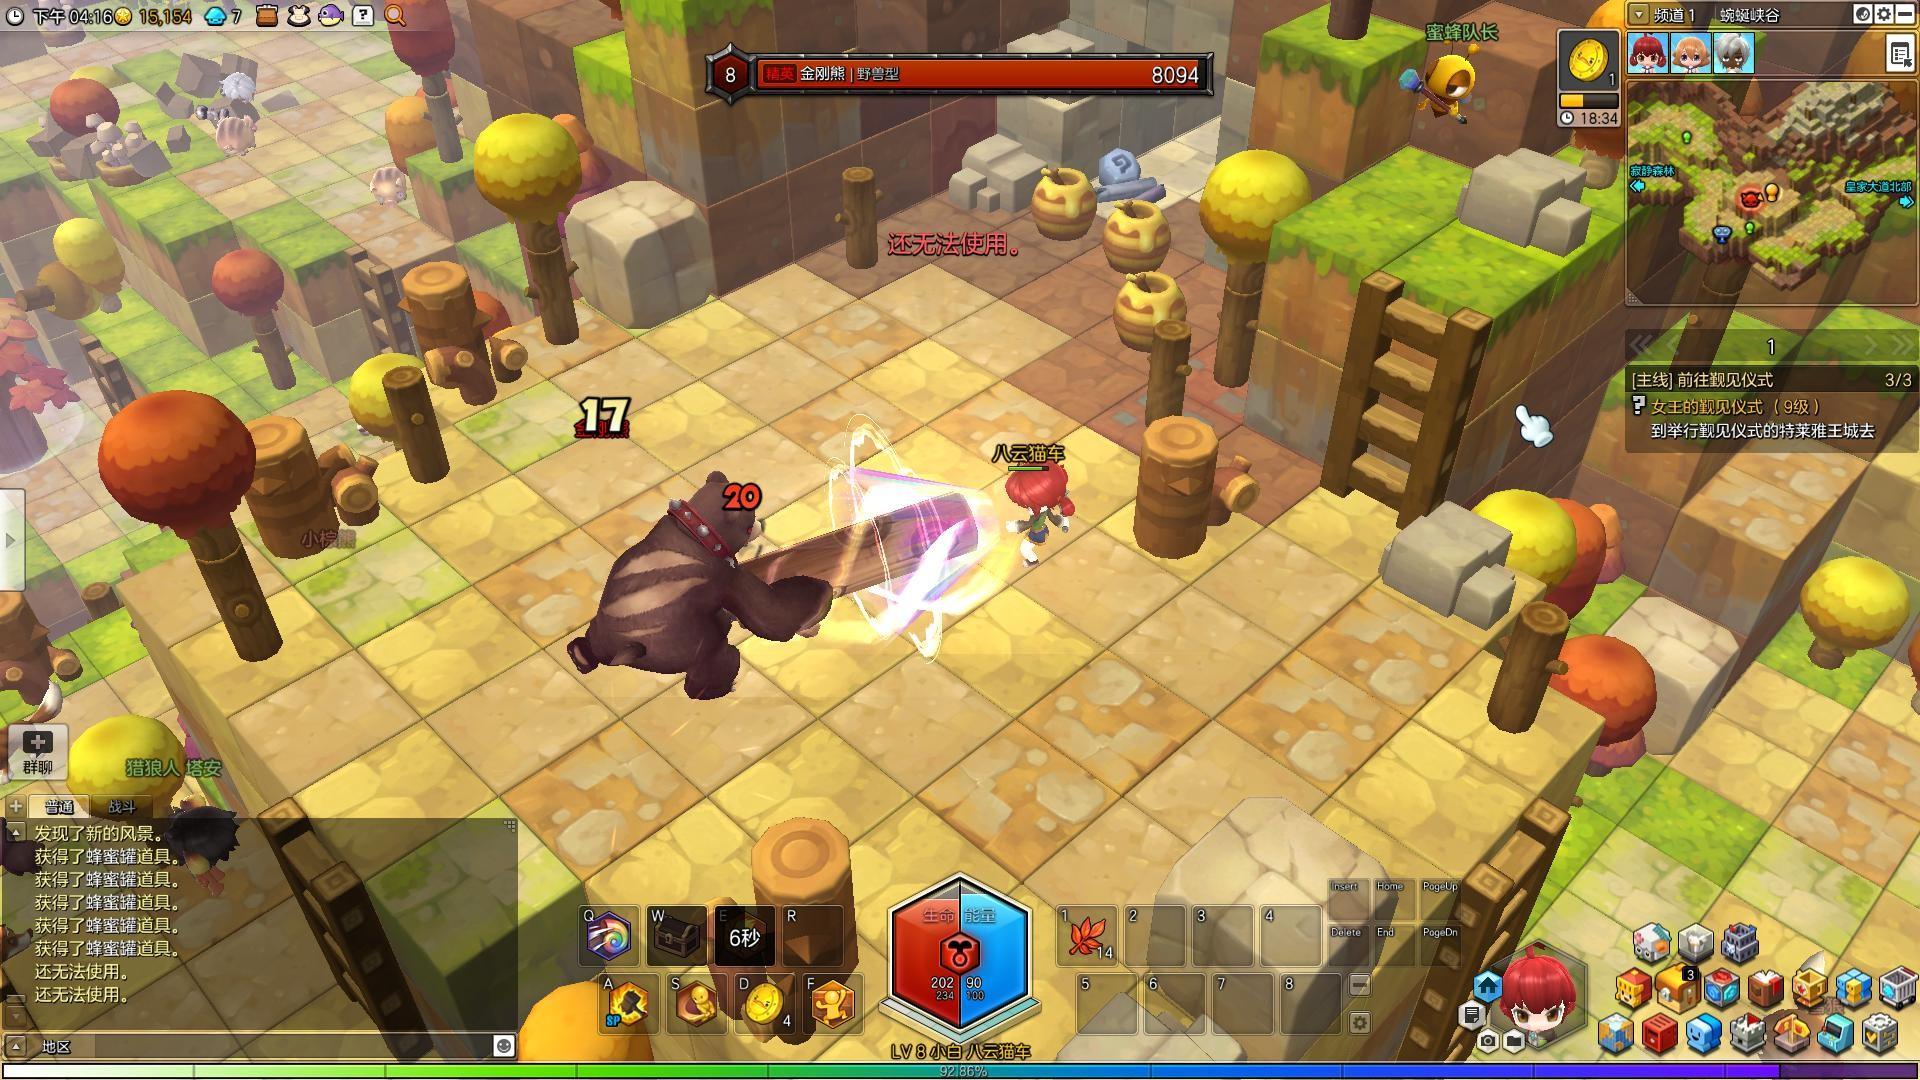 冒险岛2 点评 MMORPG与休闲游戏的完美结合